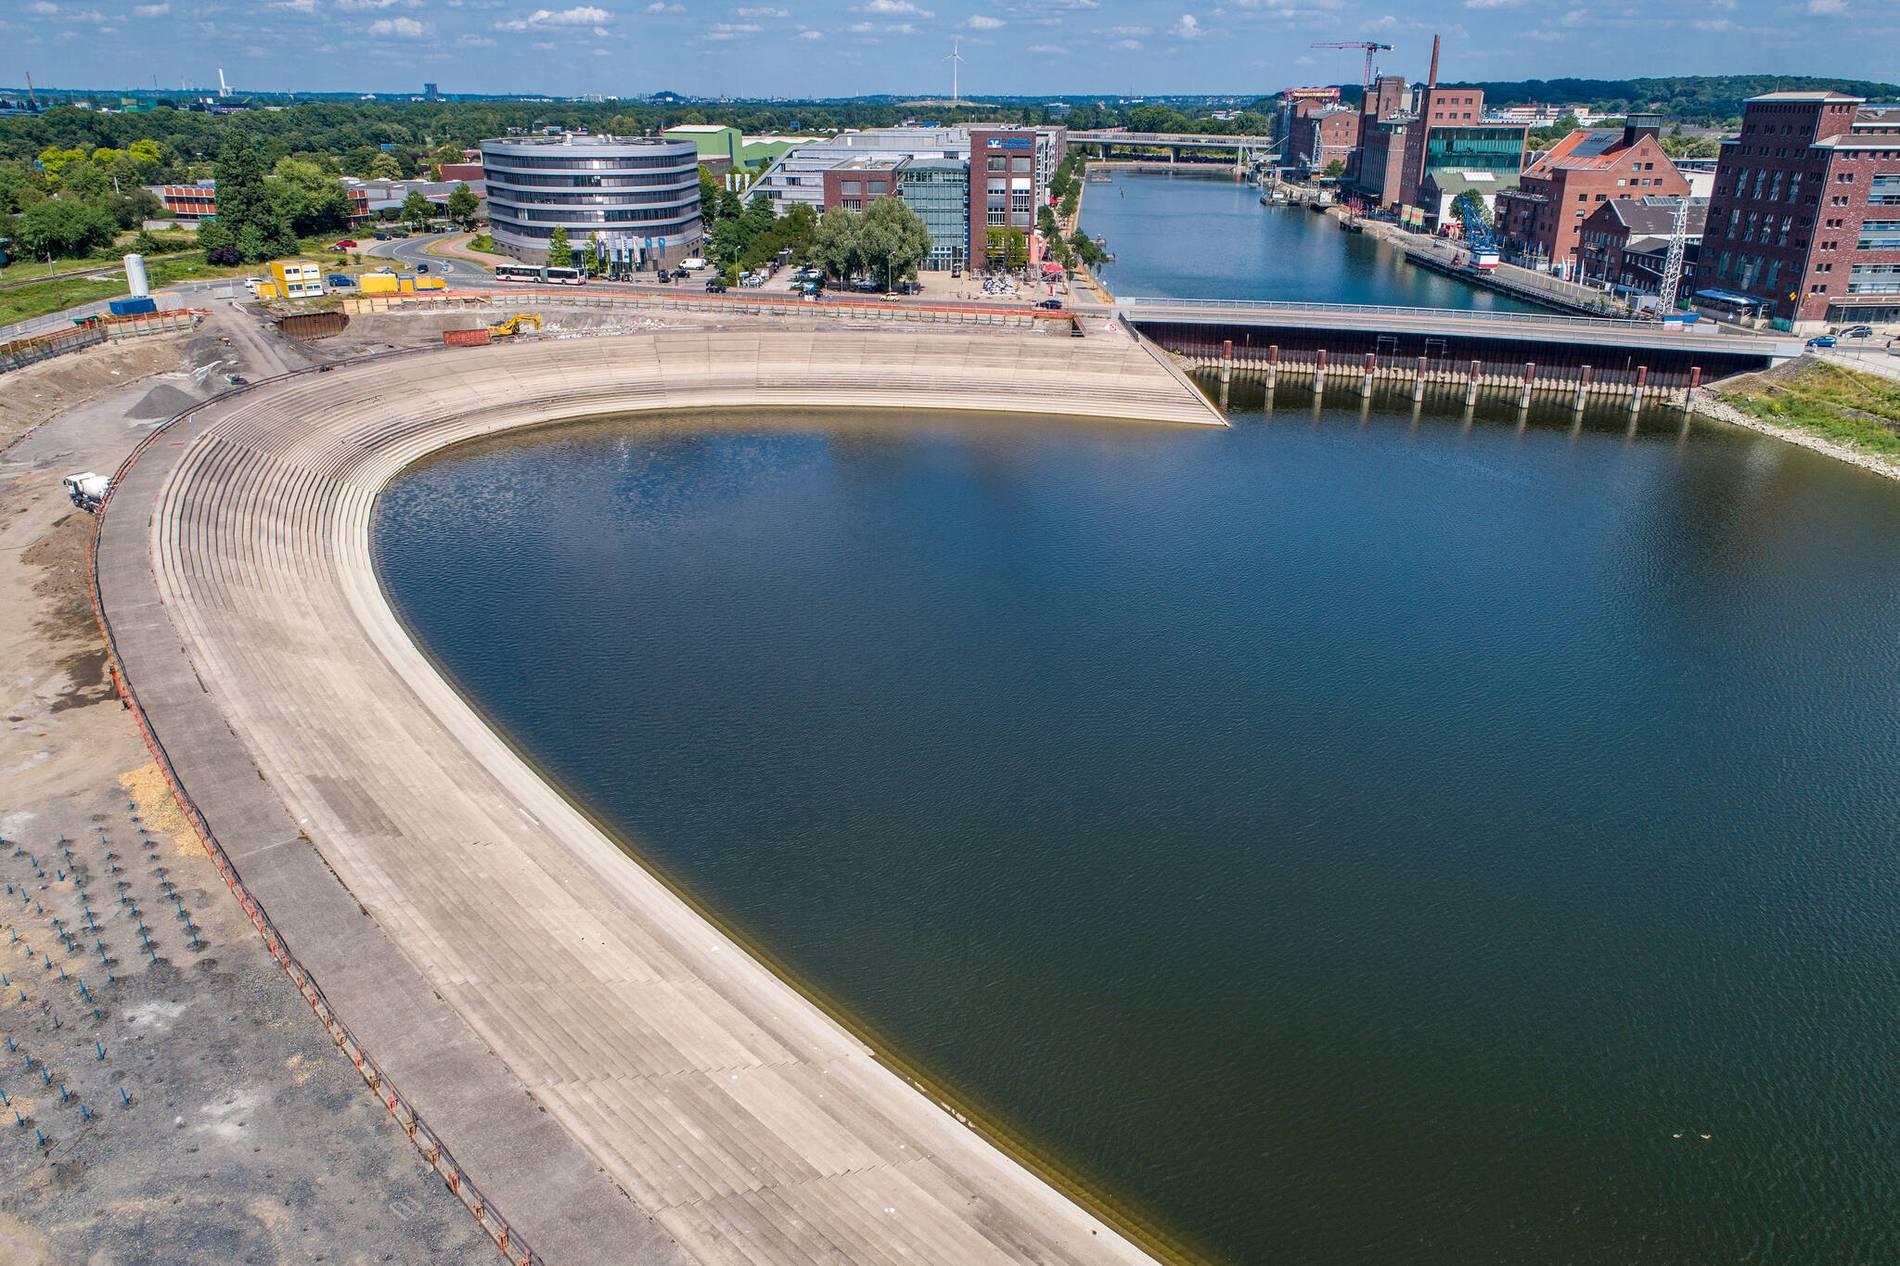 The Curve Duisburg